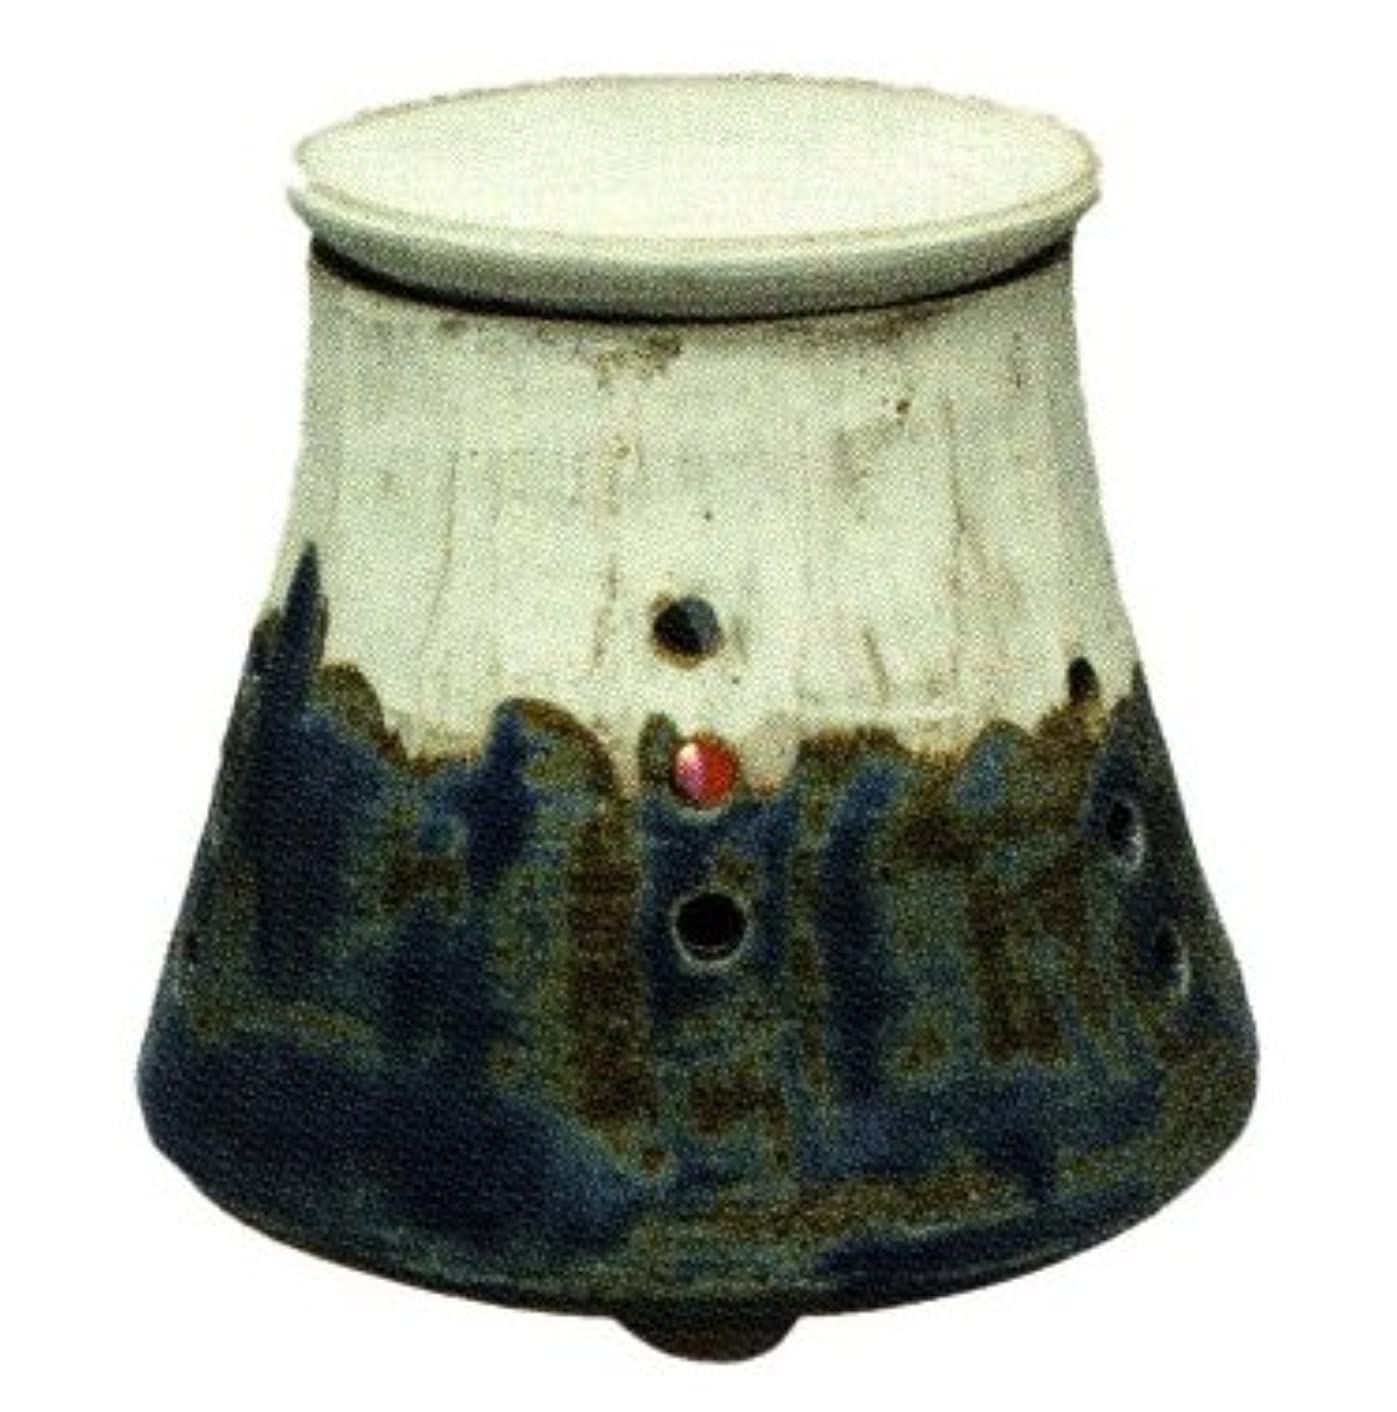 下る解決する謎めいた常滑焼?焜清 カ39-01 茶香炉 青富士 径10.5×9.5cm